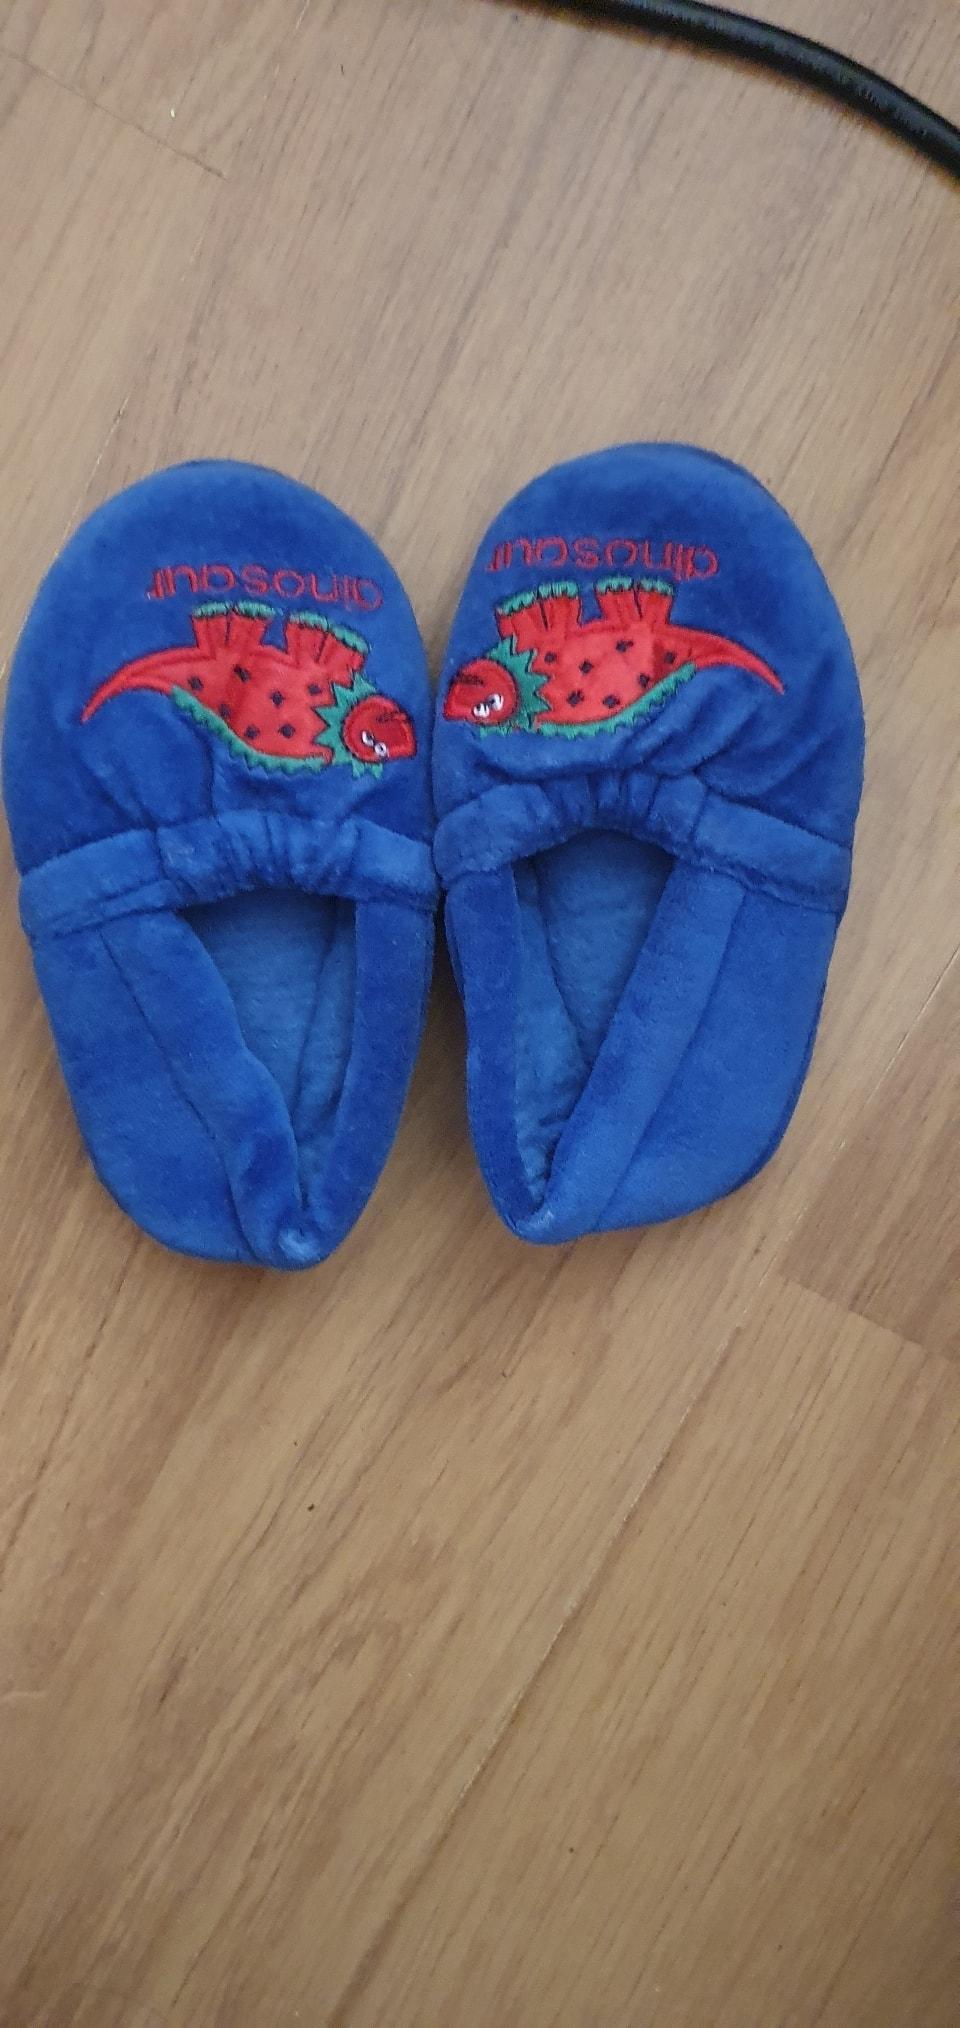 Toddler dinosaur slippers.